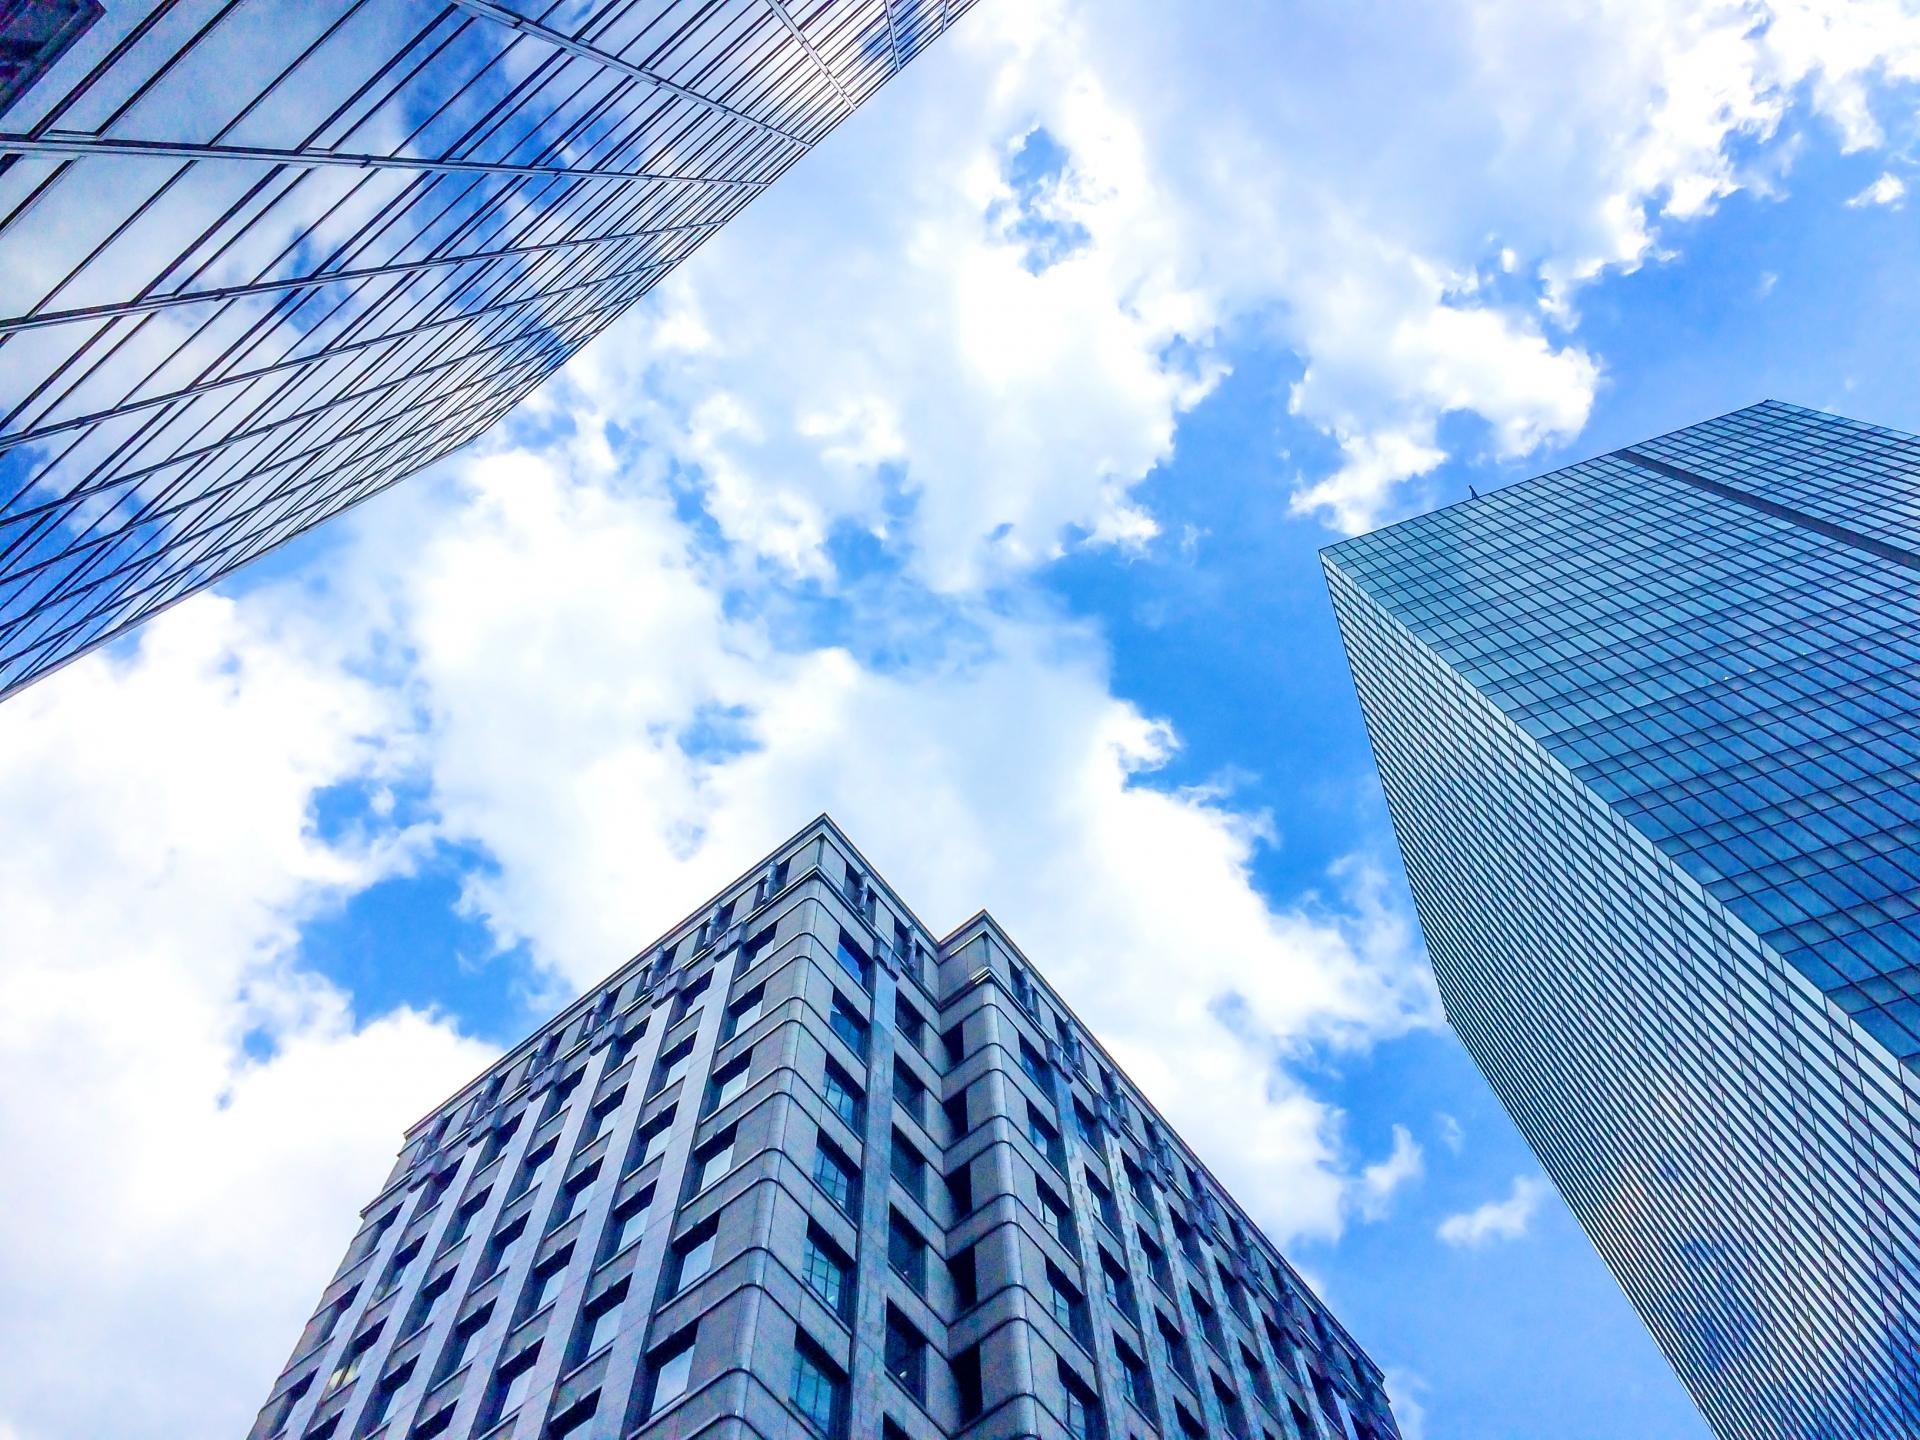 決算書は企業の成績表。見方を理解し経営状況と財務状況を分析しよう